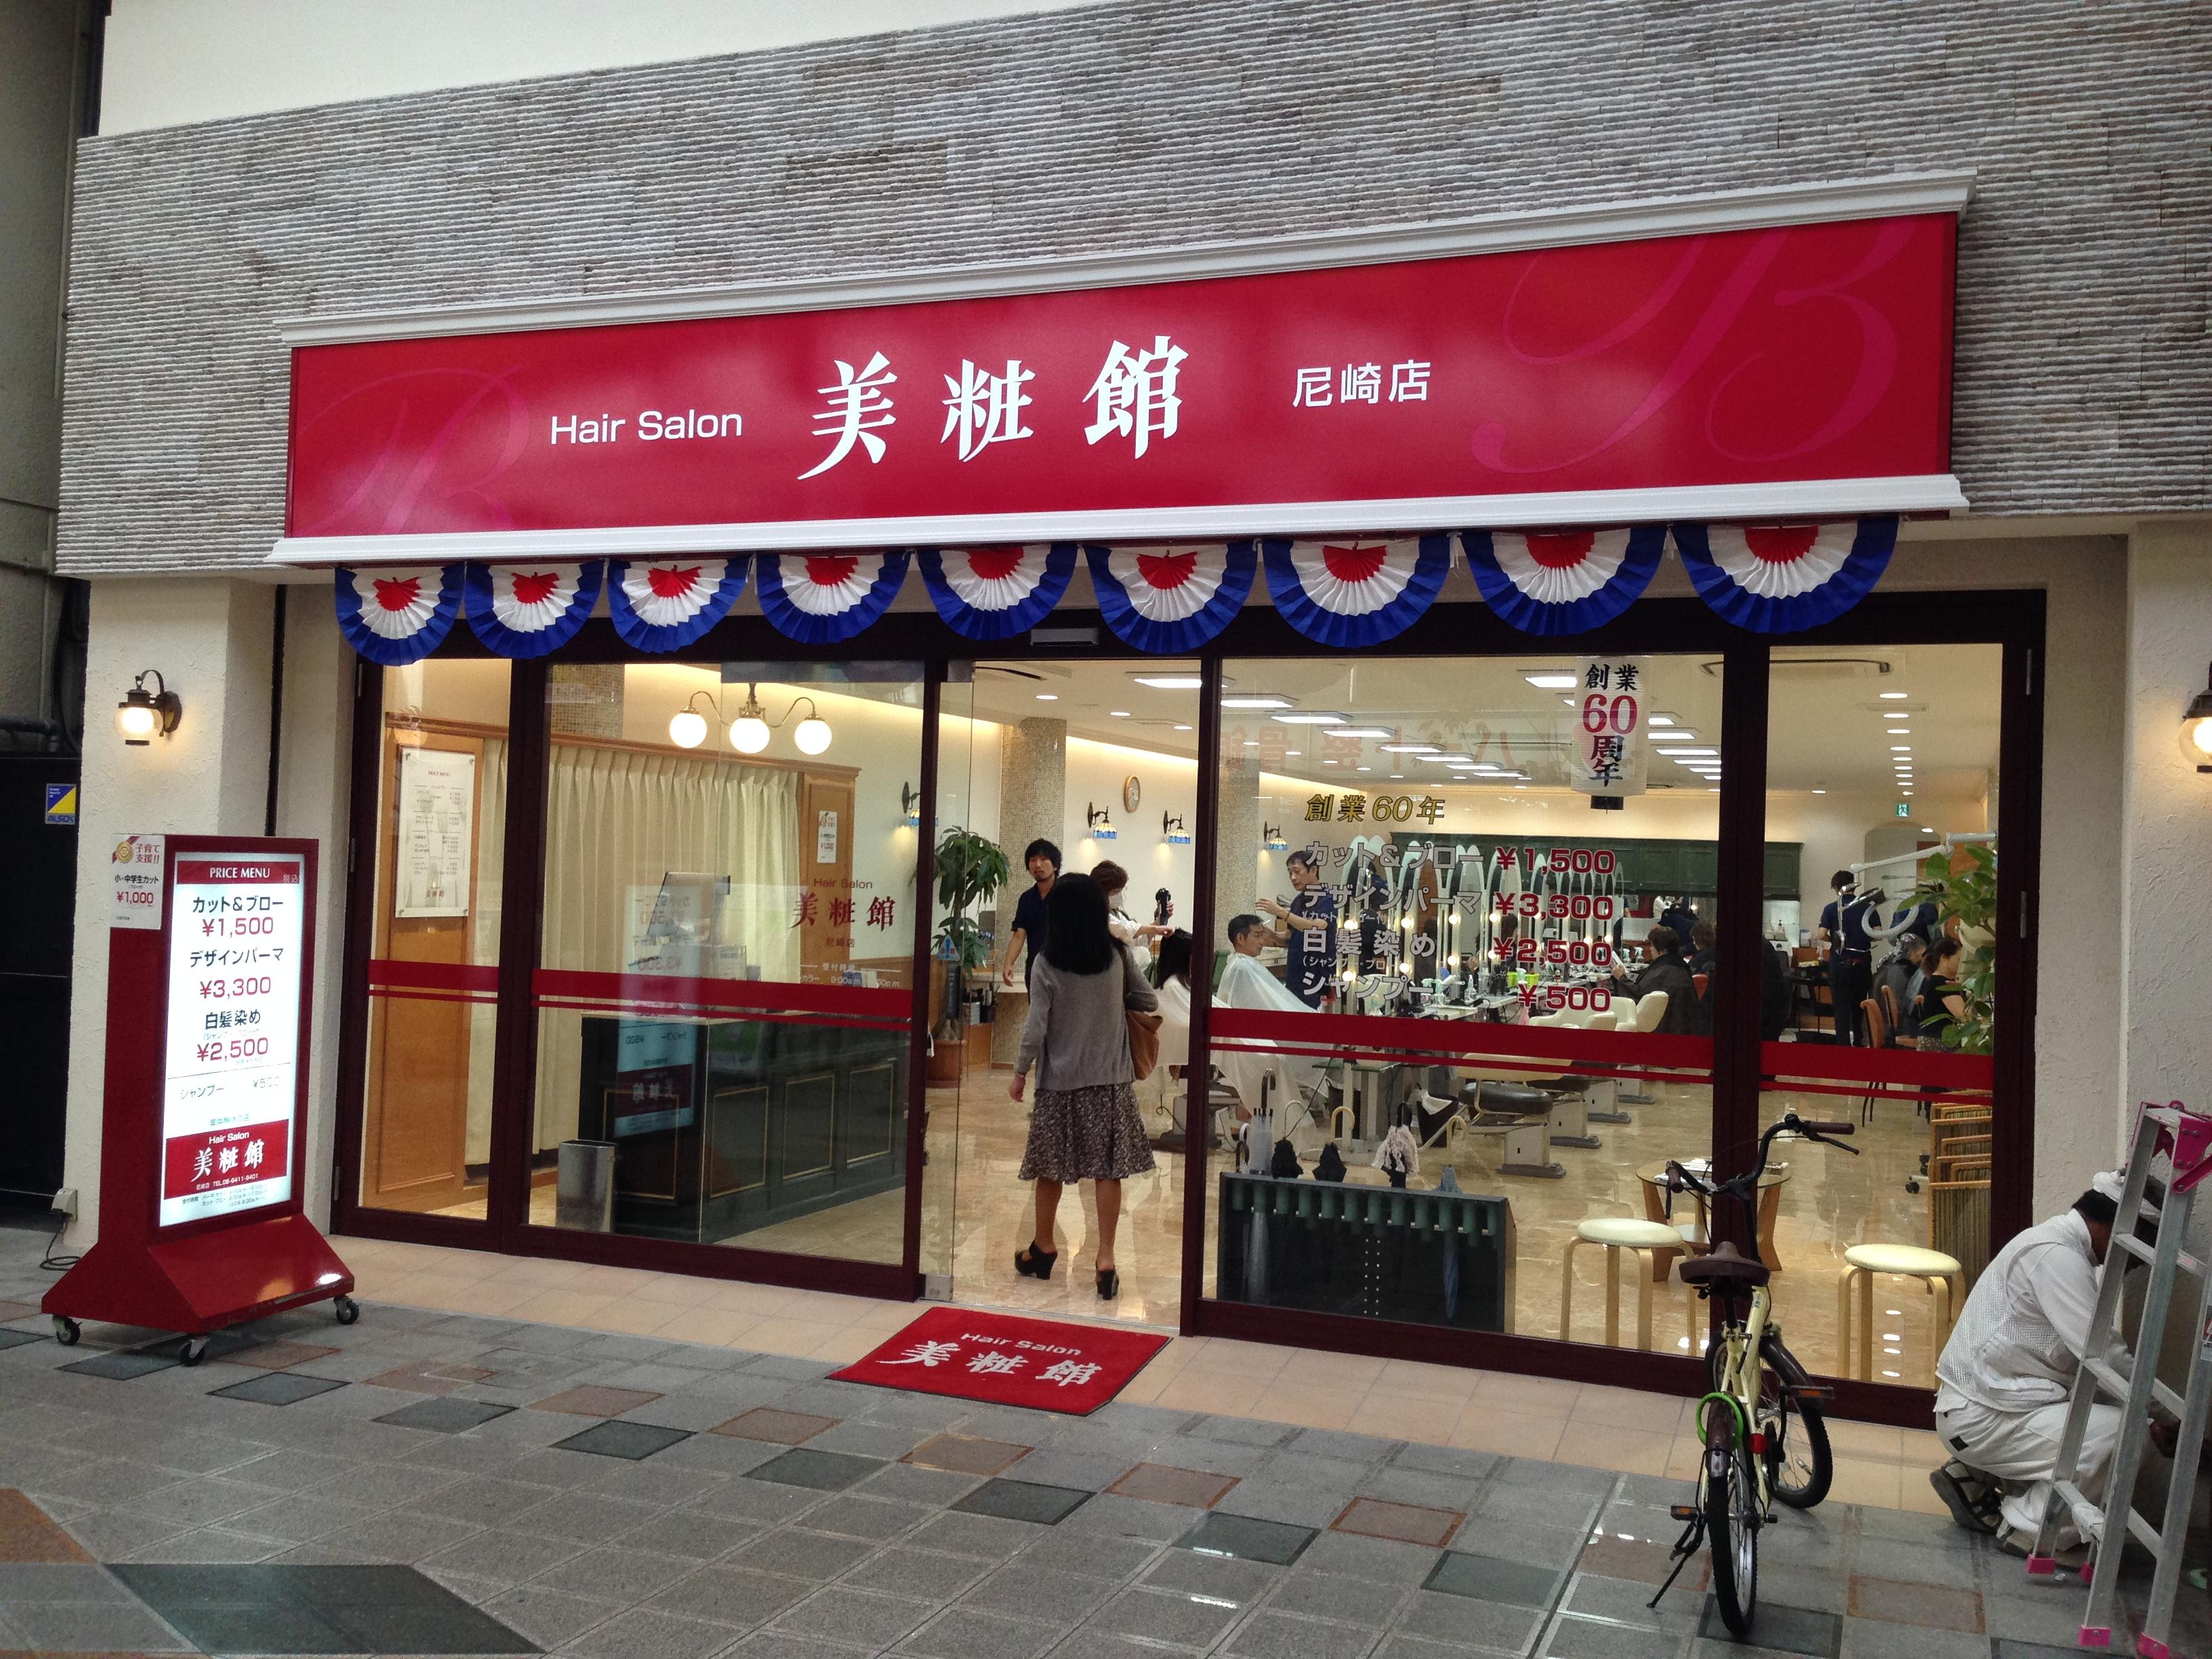 美粧館尼崎店壁面サインのアイキャッチ